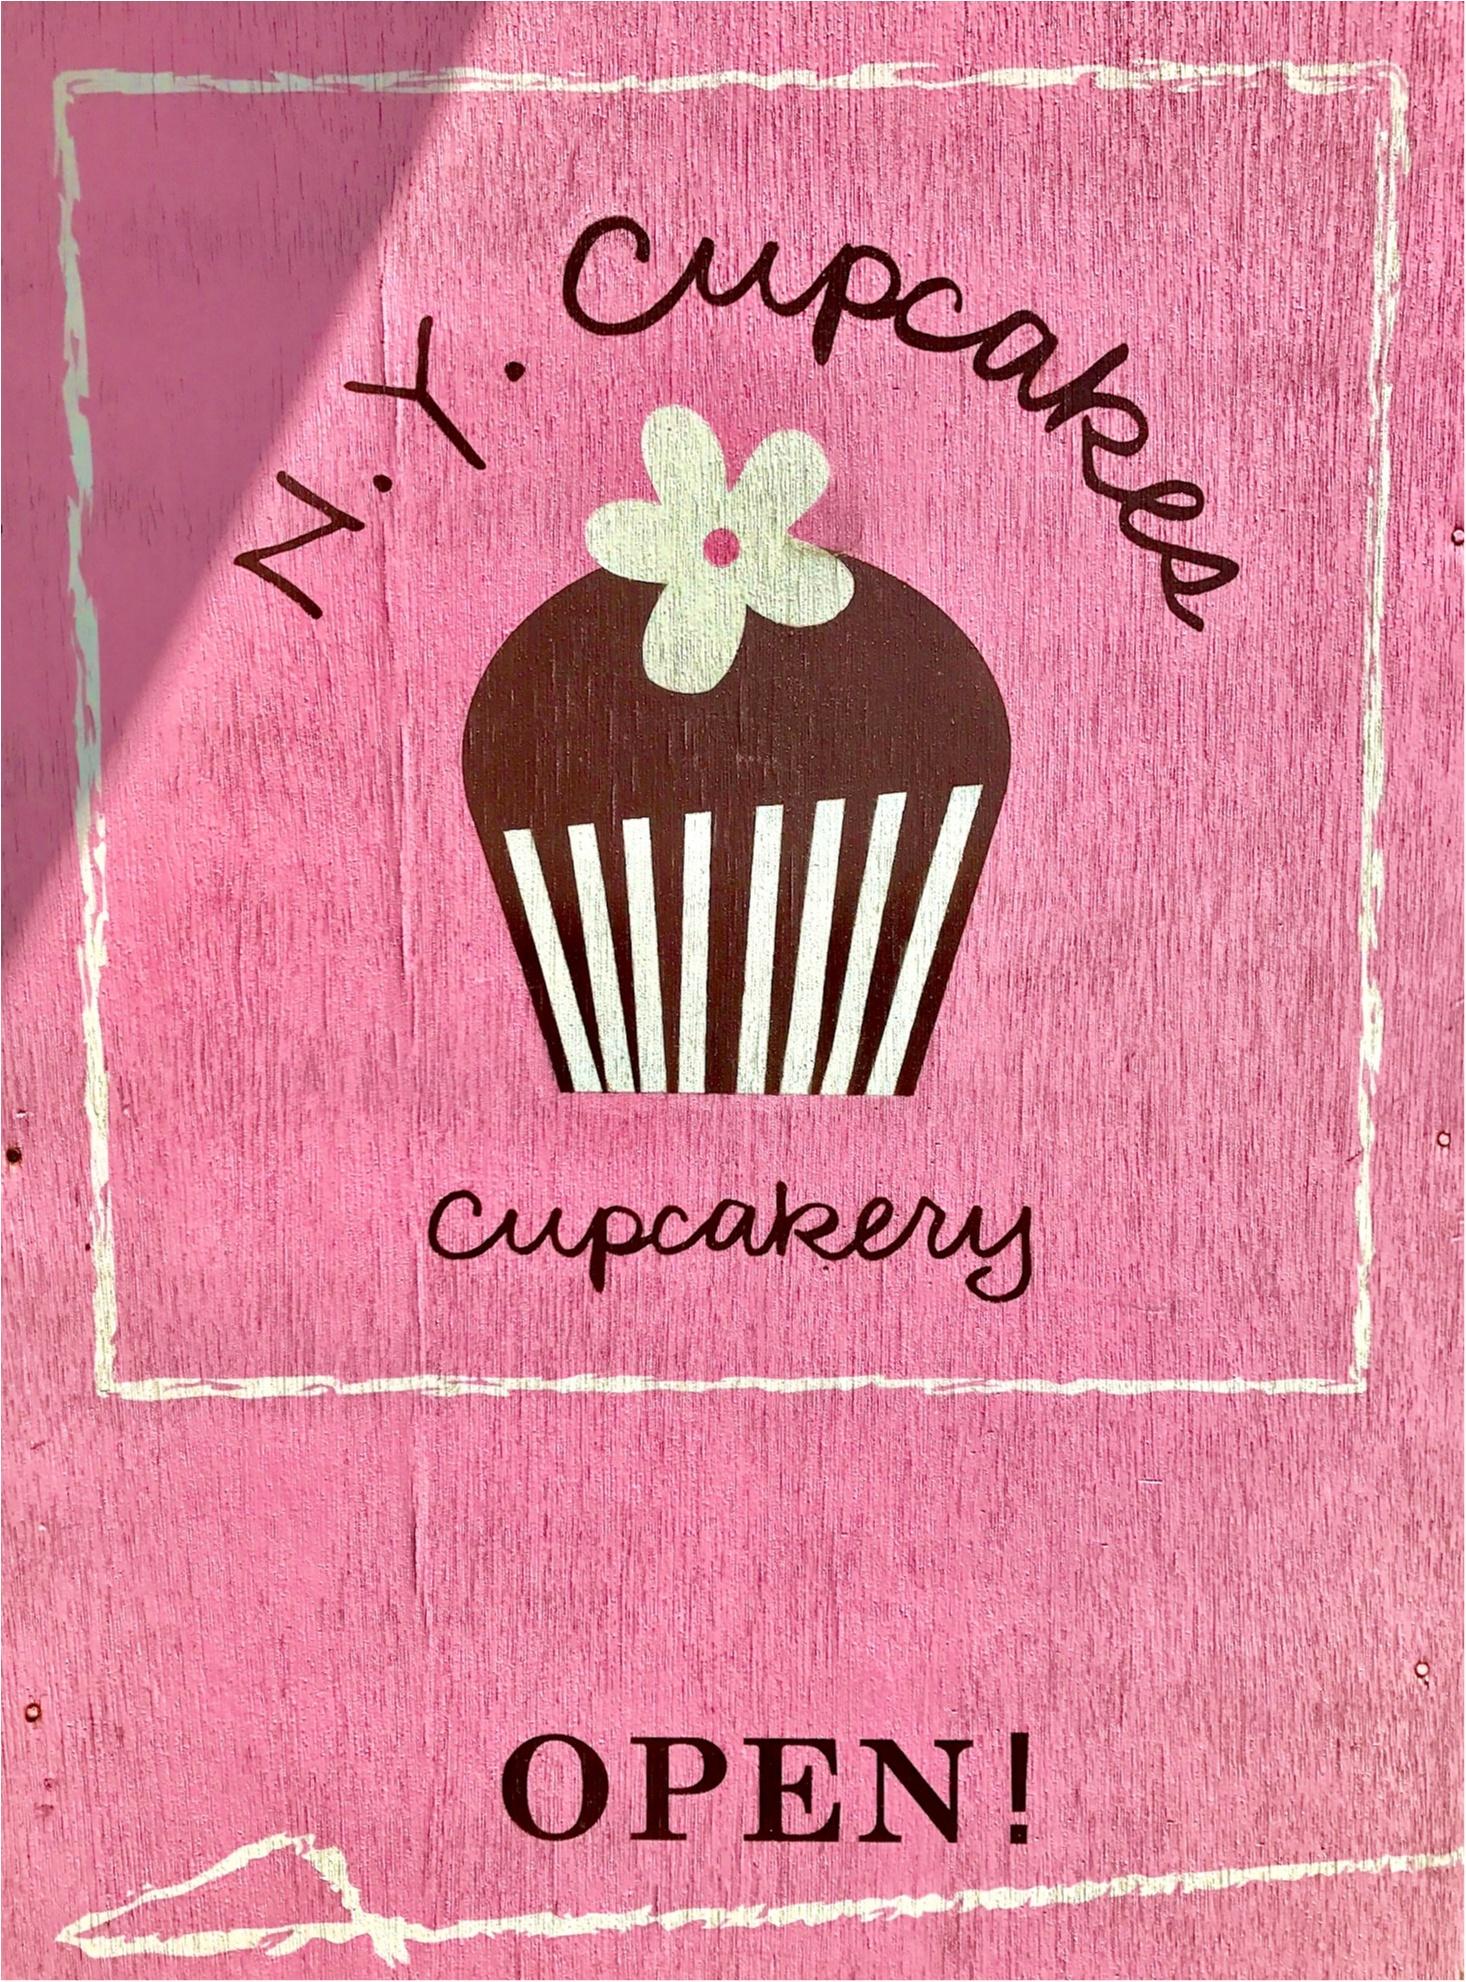 【FOOD】可愛いの大定番♥ 一度は行きたいニューヨークカップケーキ!_1